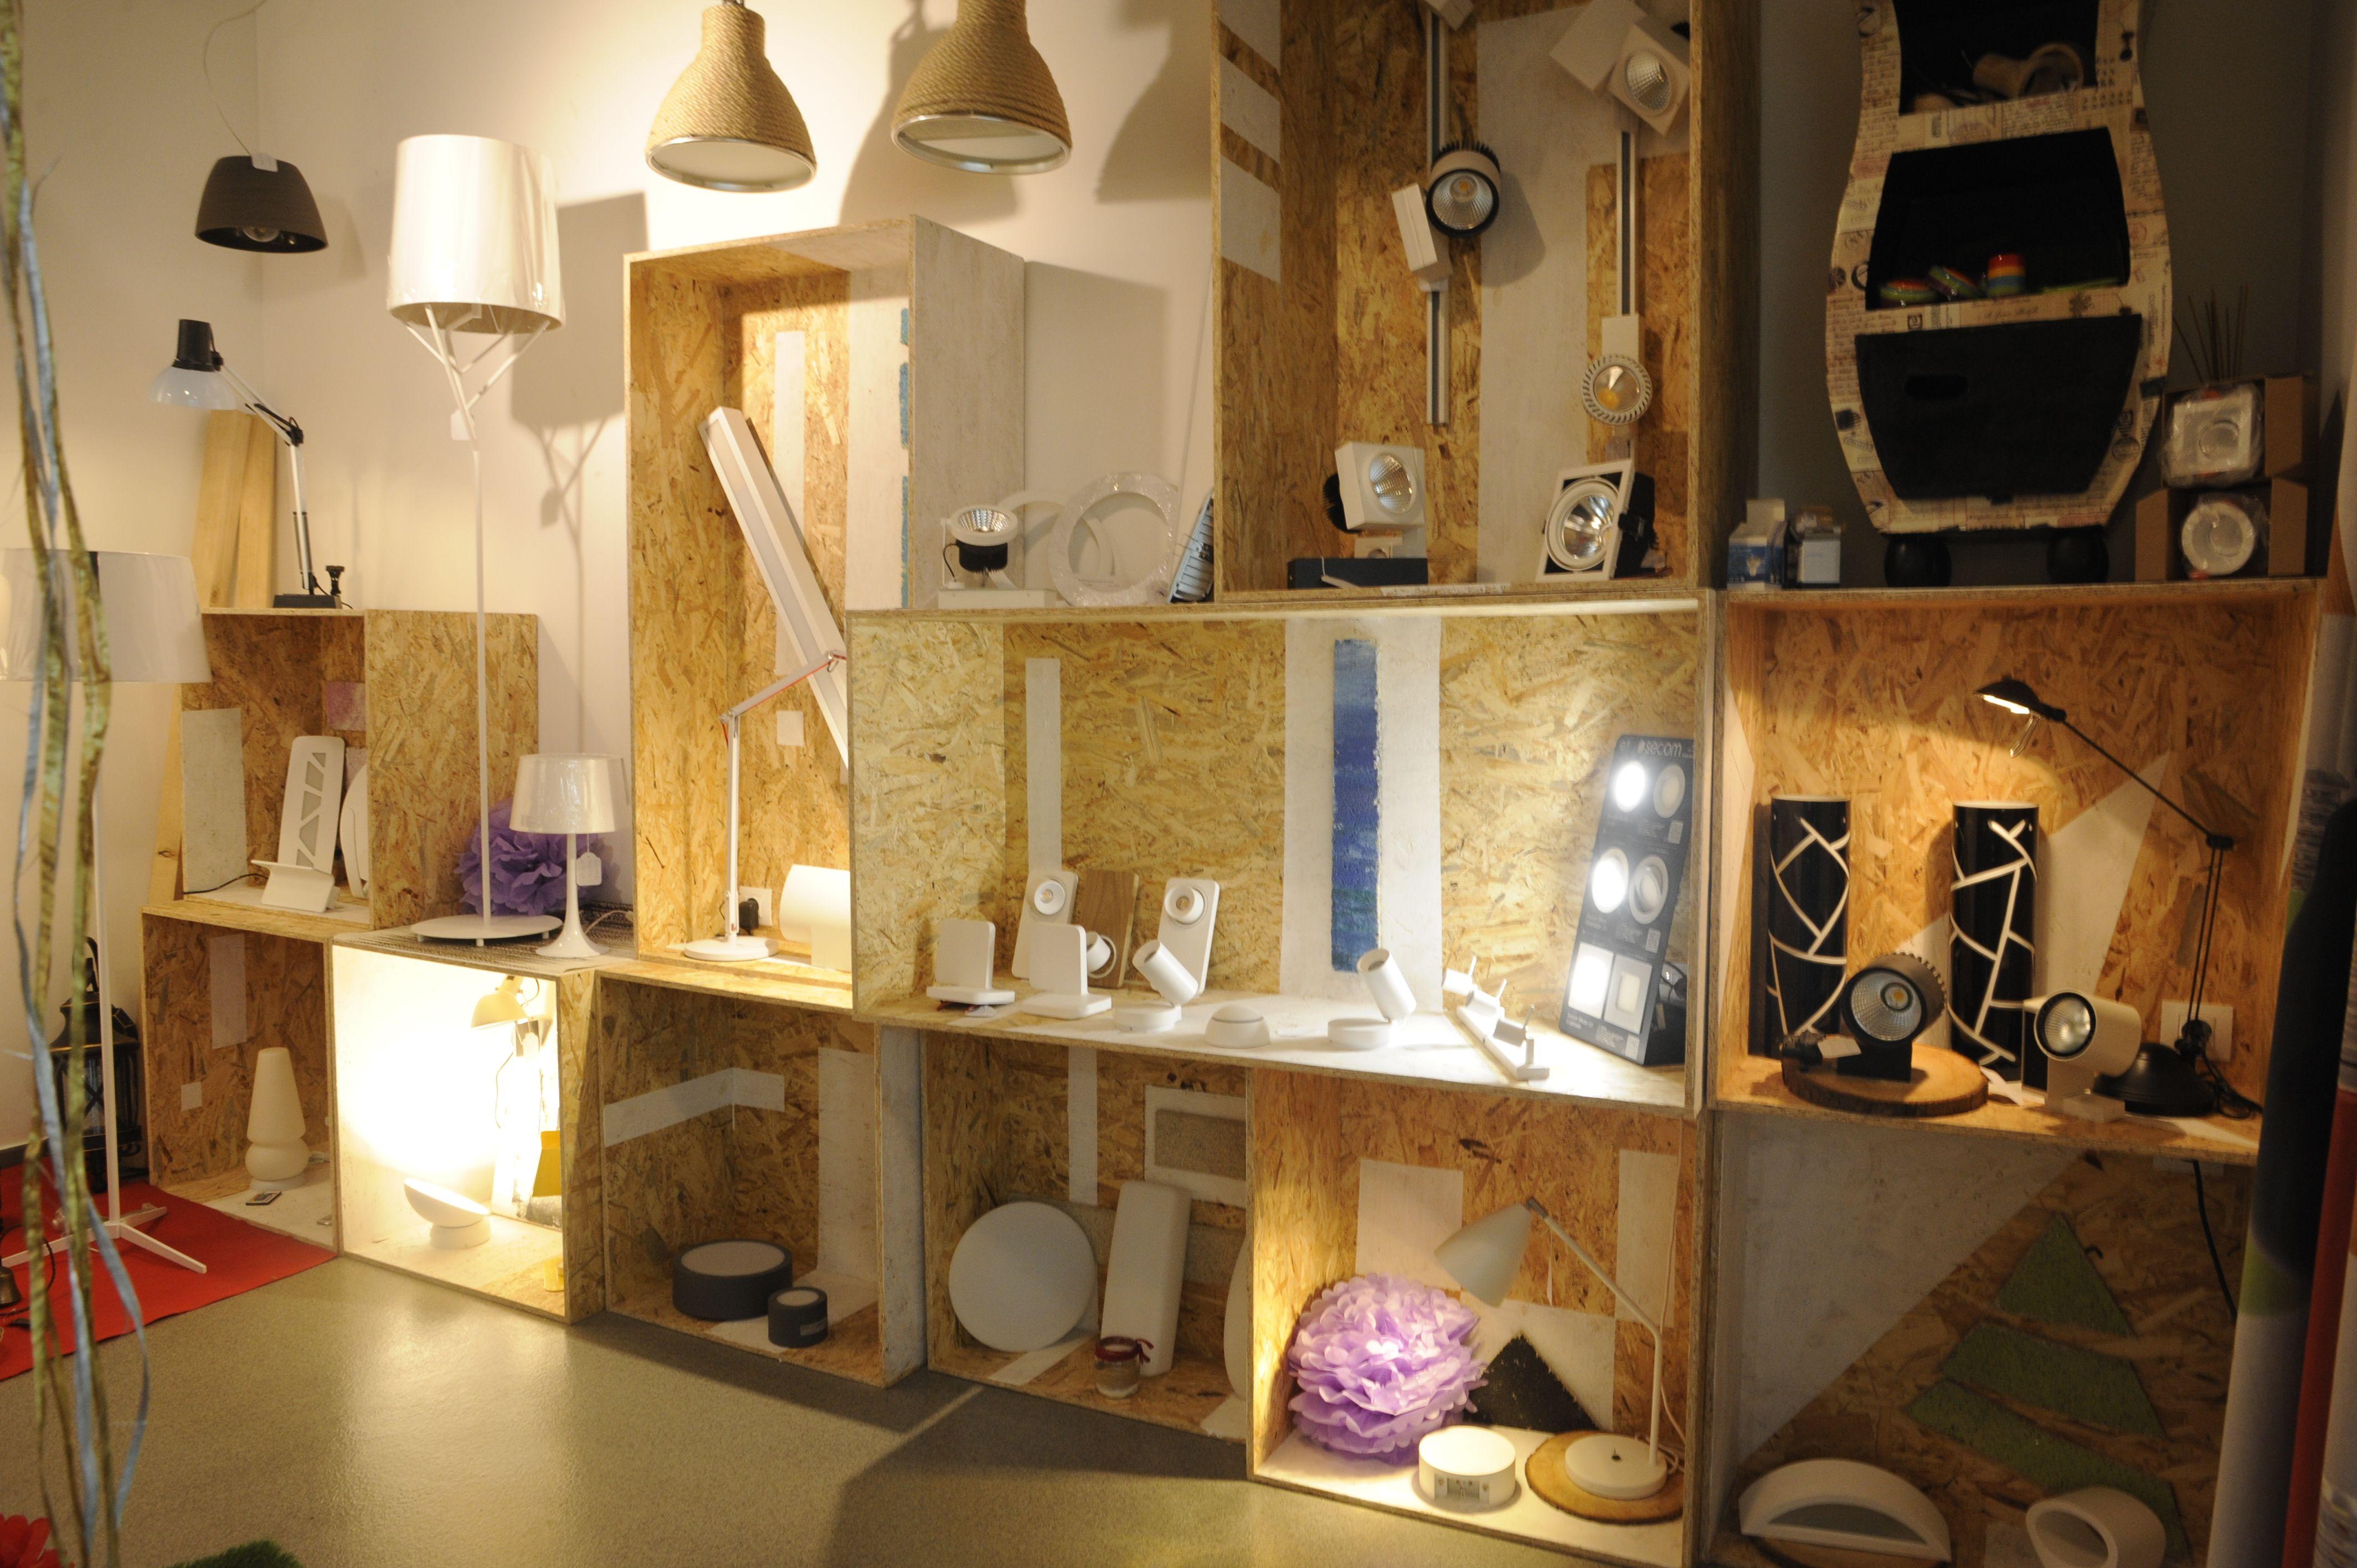 Foto 4 de Iluminación y lámparas en Bergara | Ixotu Goi